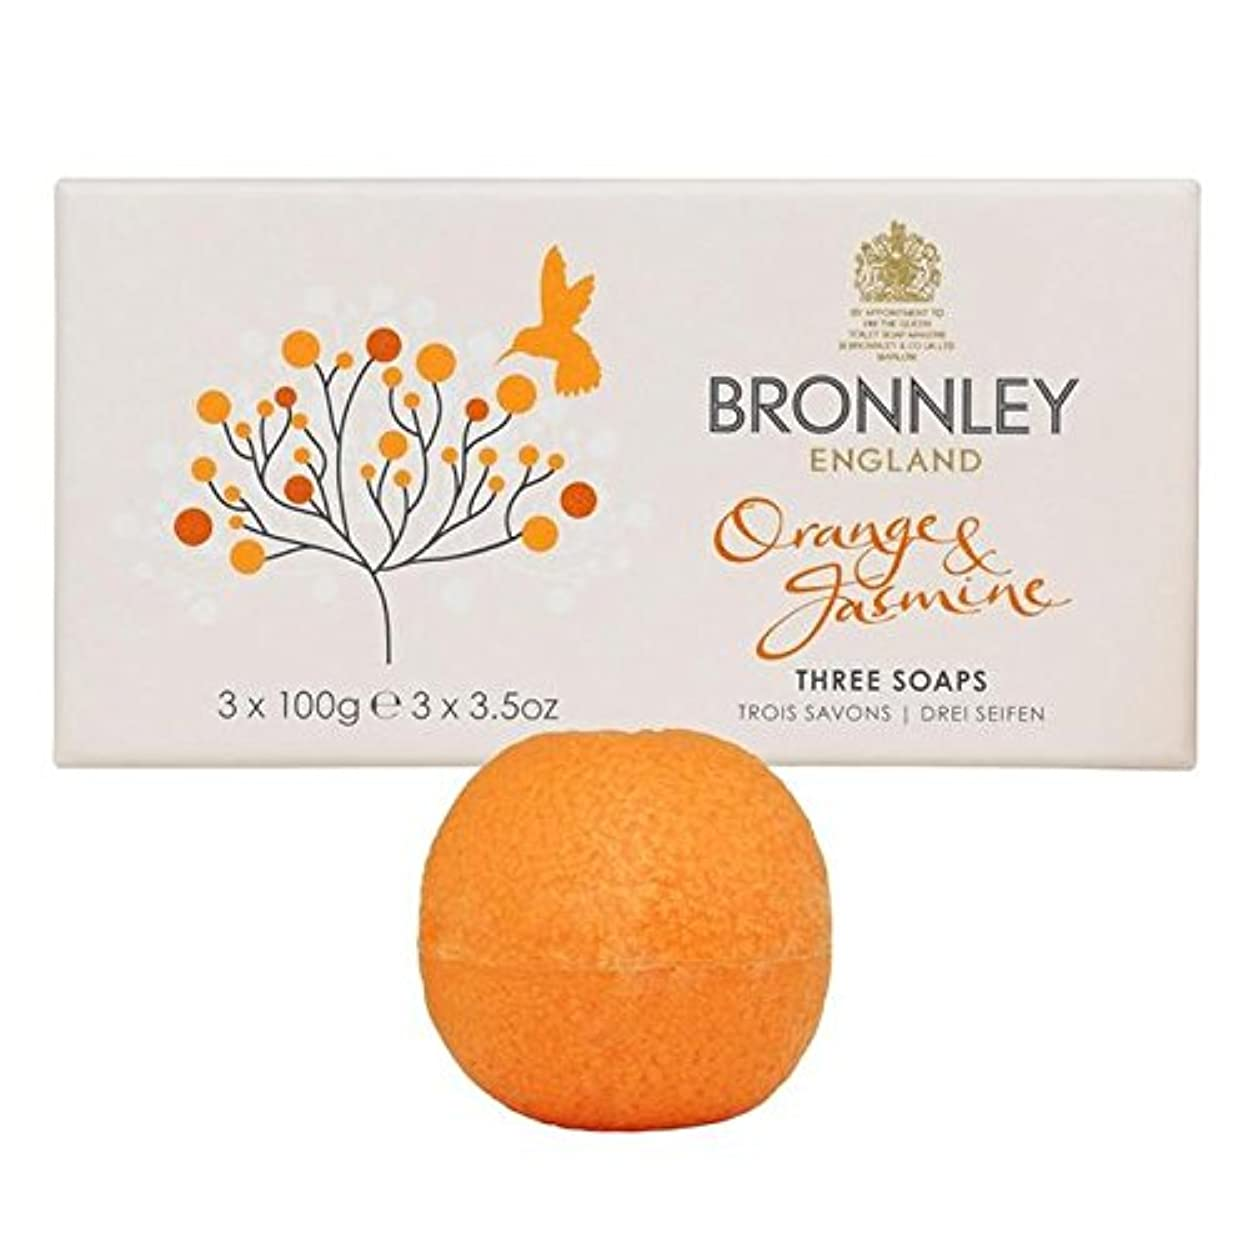 煙突覚醒おオレンジ&ジャスミン石鹸3×100グラム x2 - Bronnley Orange & Jasmine Soaps 3 x 100g (Pack of 2) [並行輸入品]